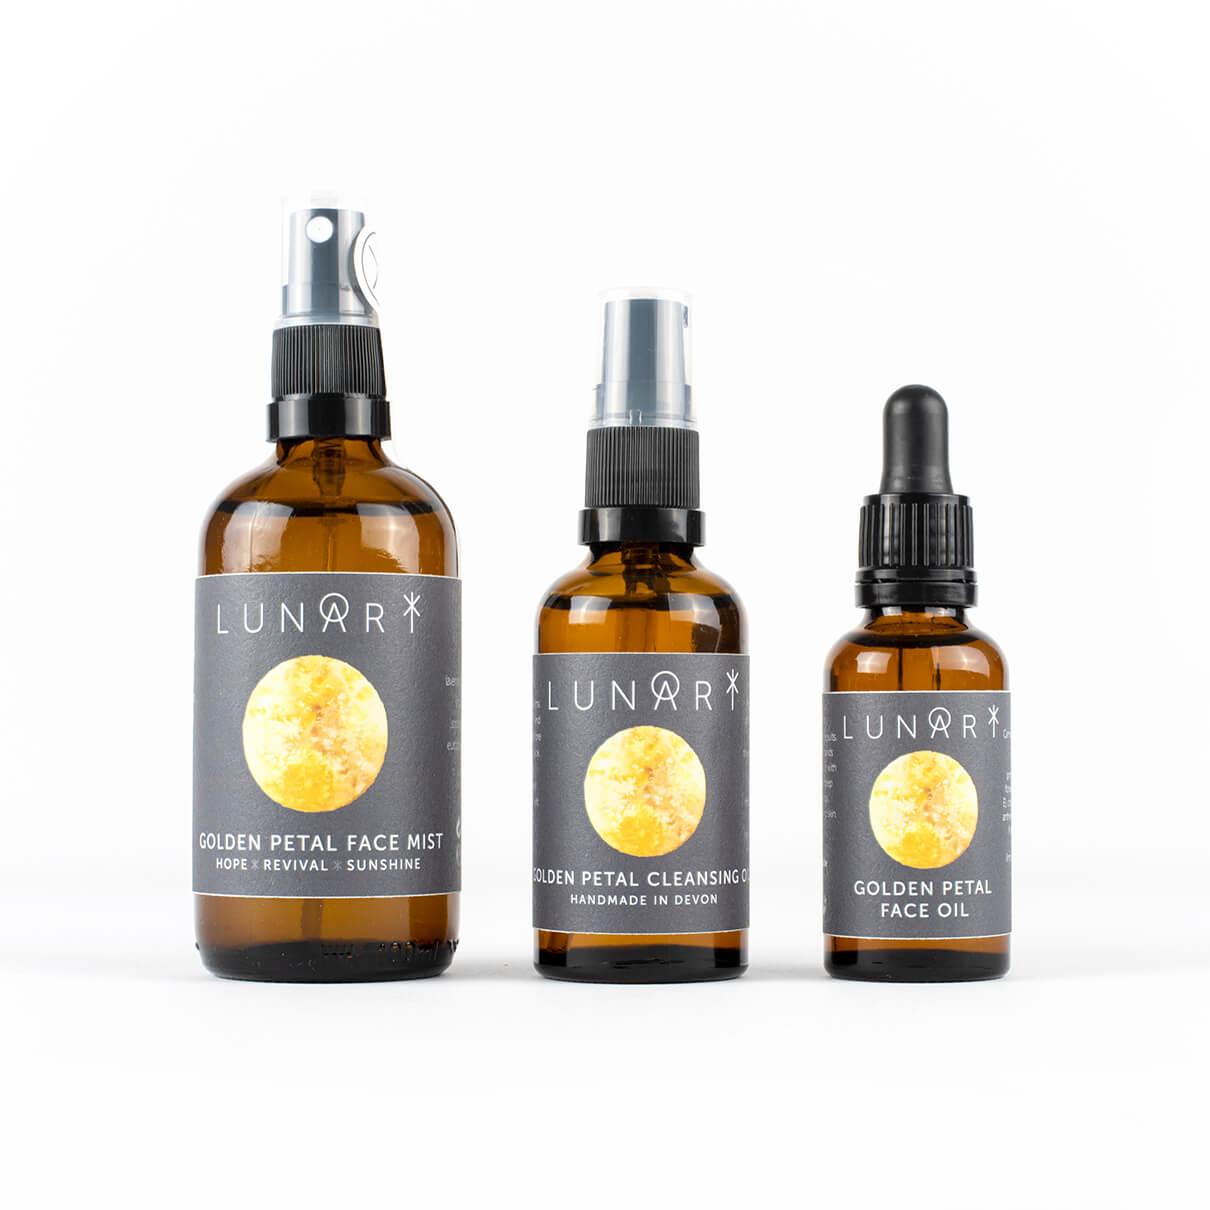 lunari golden petal products